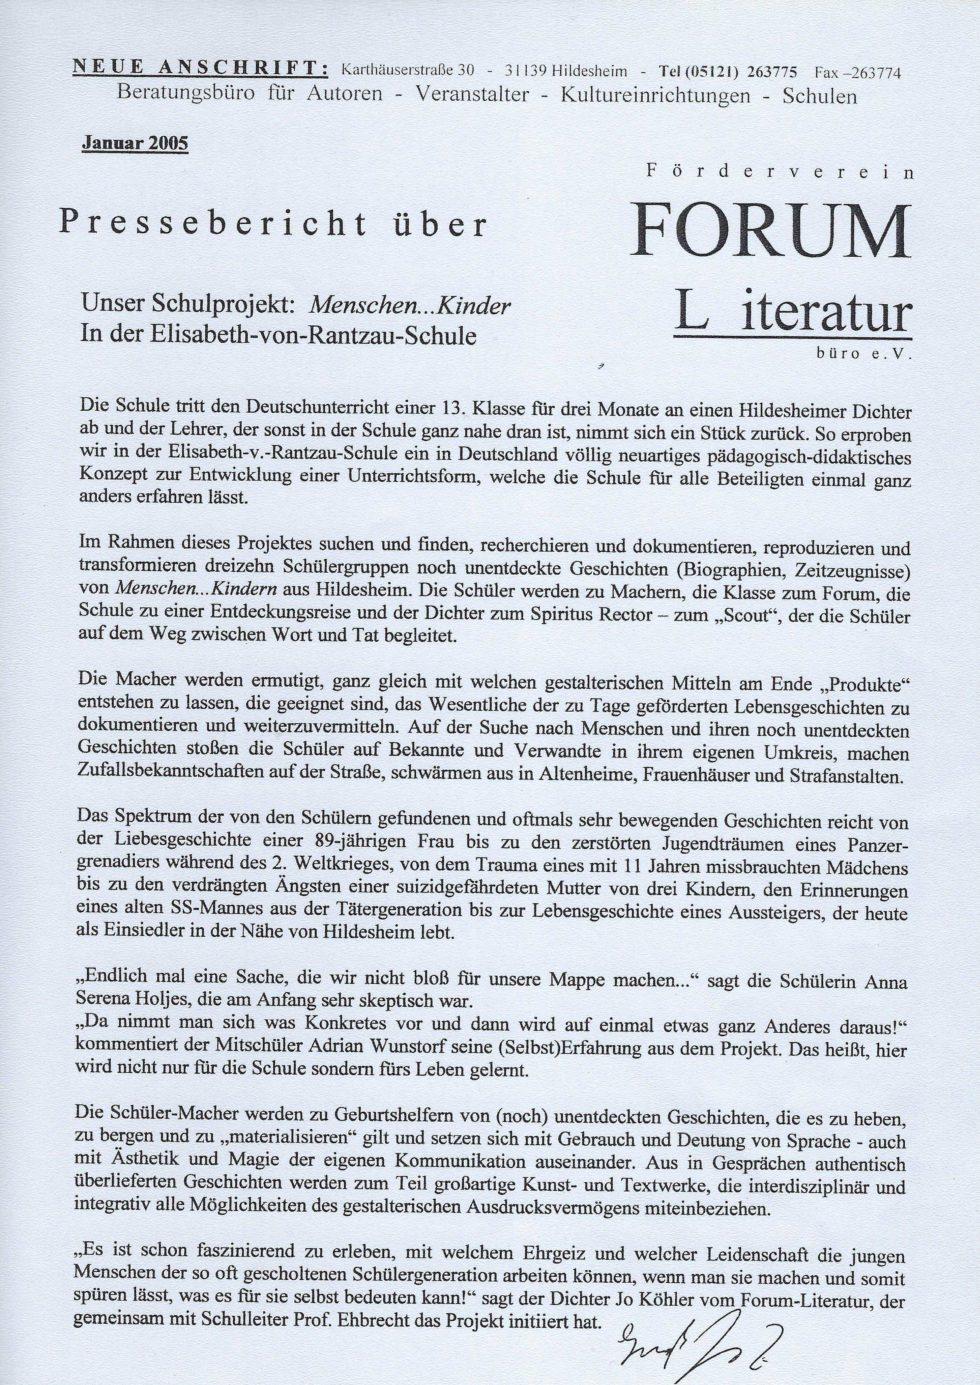 2003-2007 Schul-Projekte, Biografisches Schreiben, 10 Jahre LiteraTOUR_Seite_13